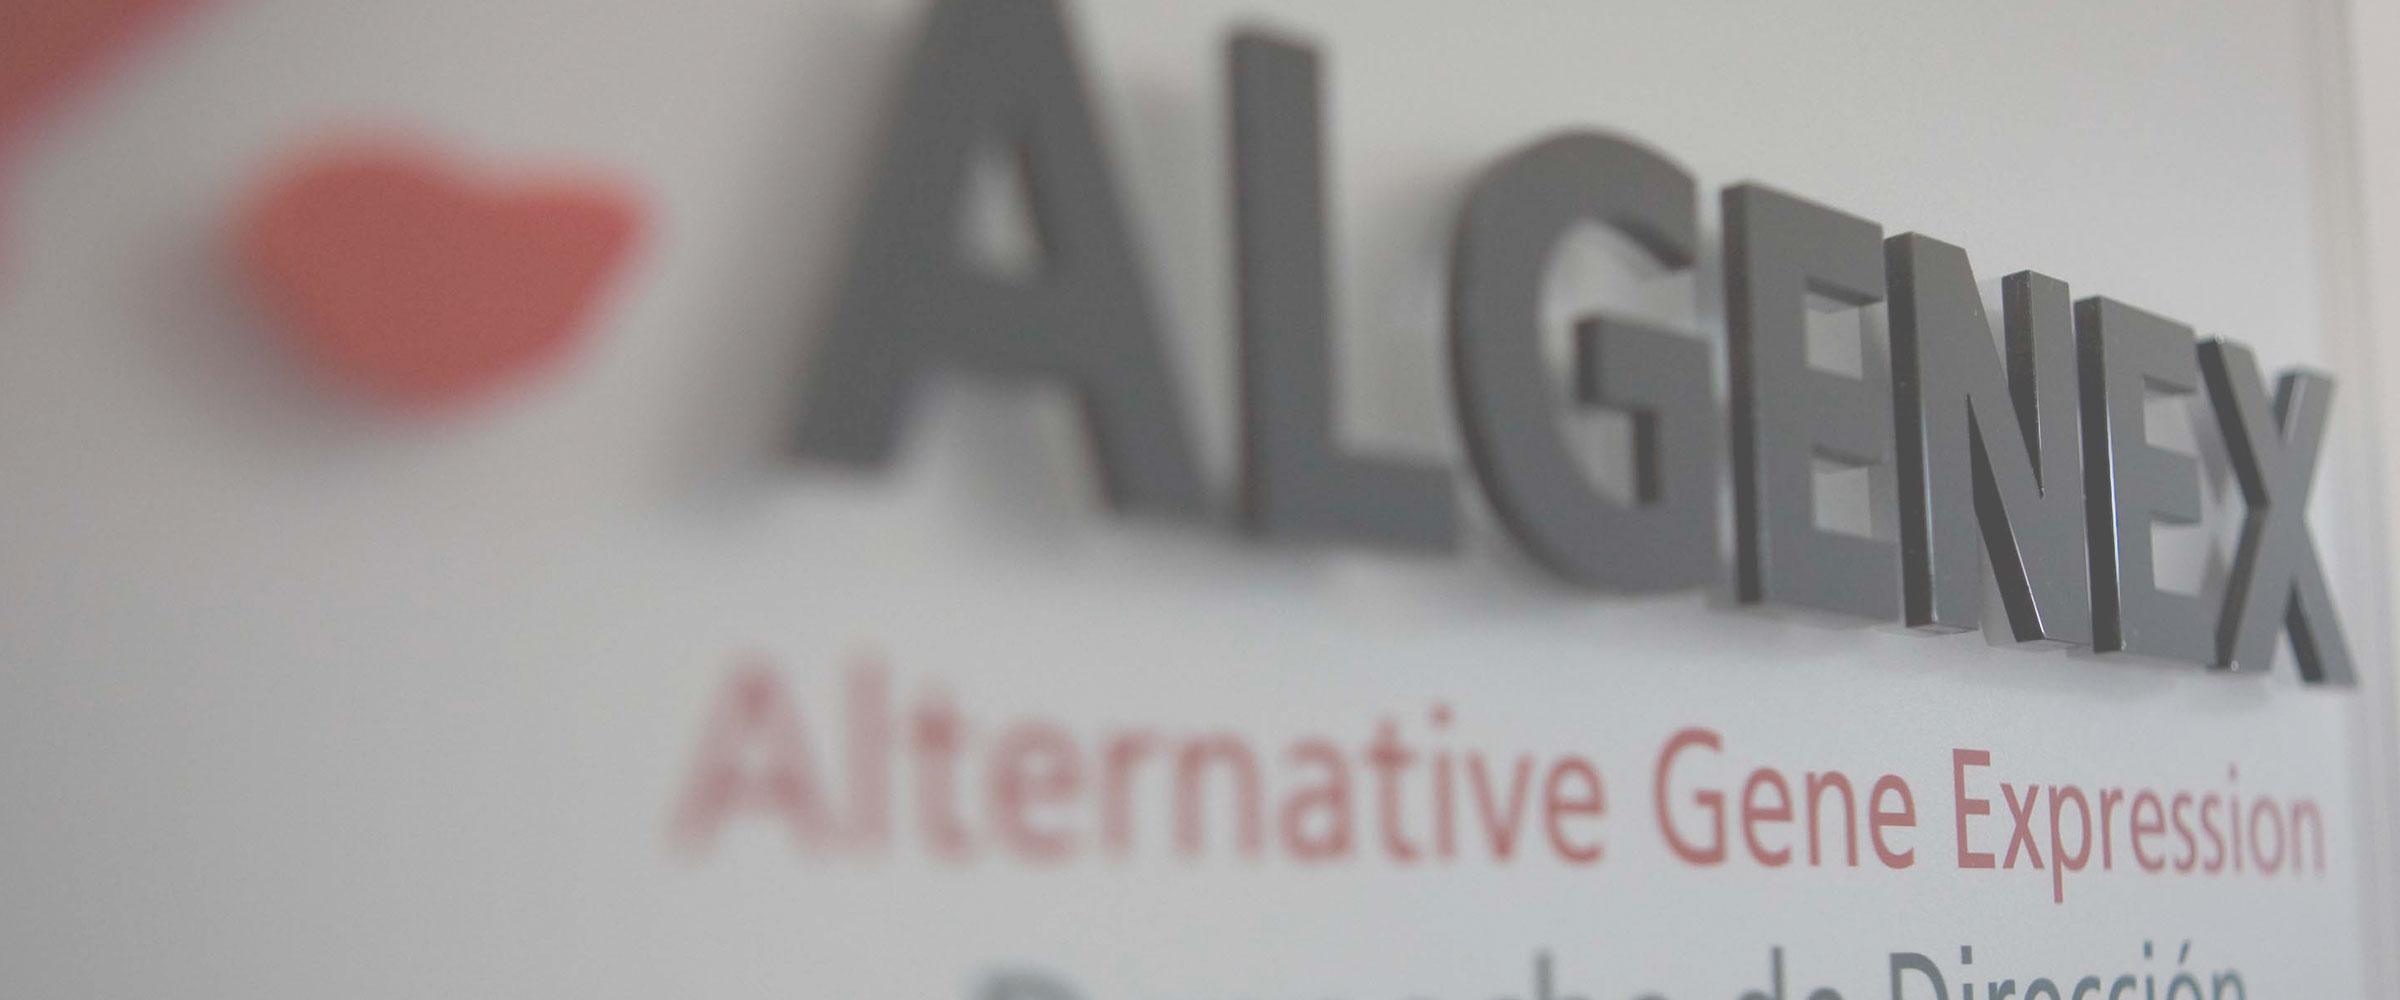 Interview to Dr. José Escribano, founder of Algenex